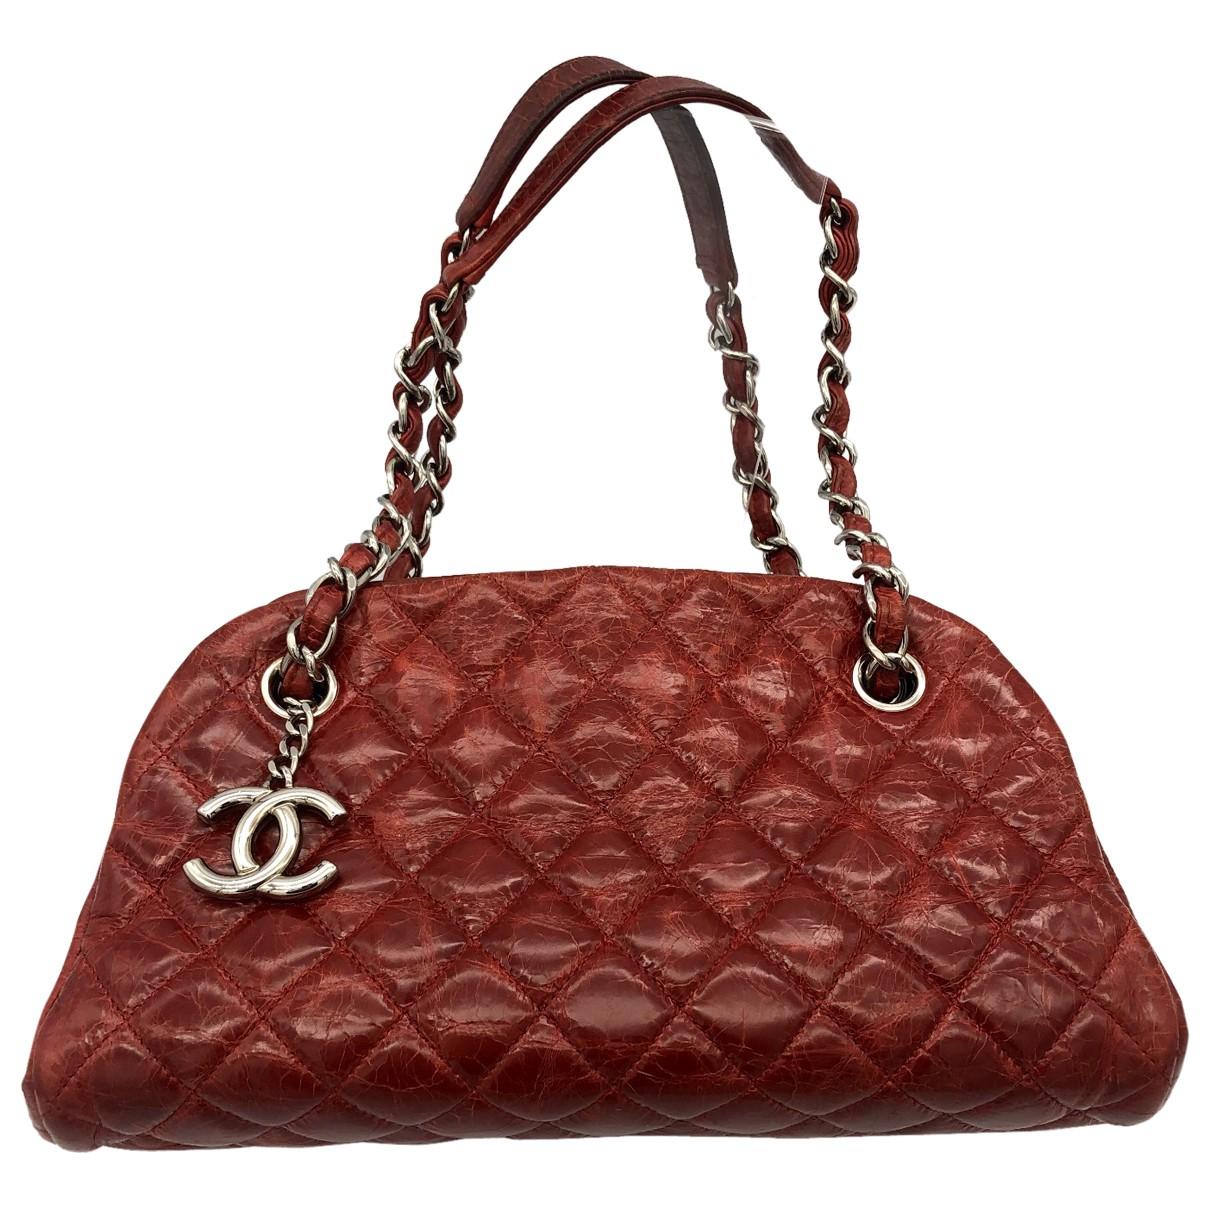 Chanel - Sac a main Mademoiselle pour femme en cuir - rouge